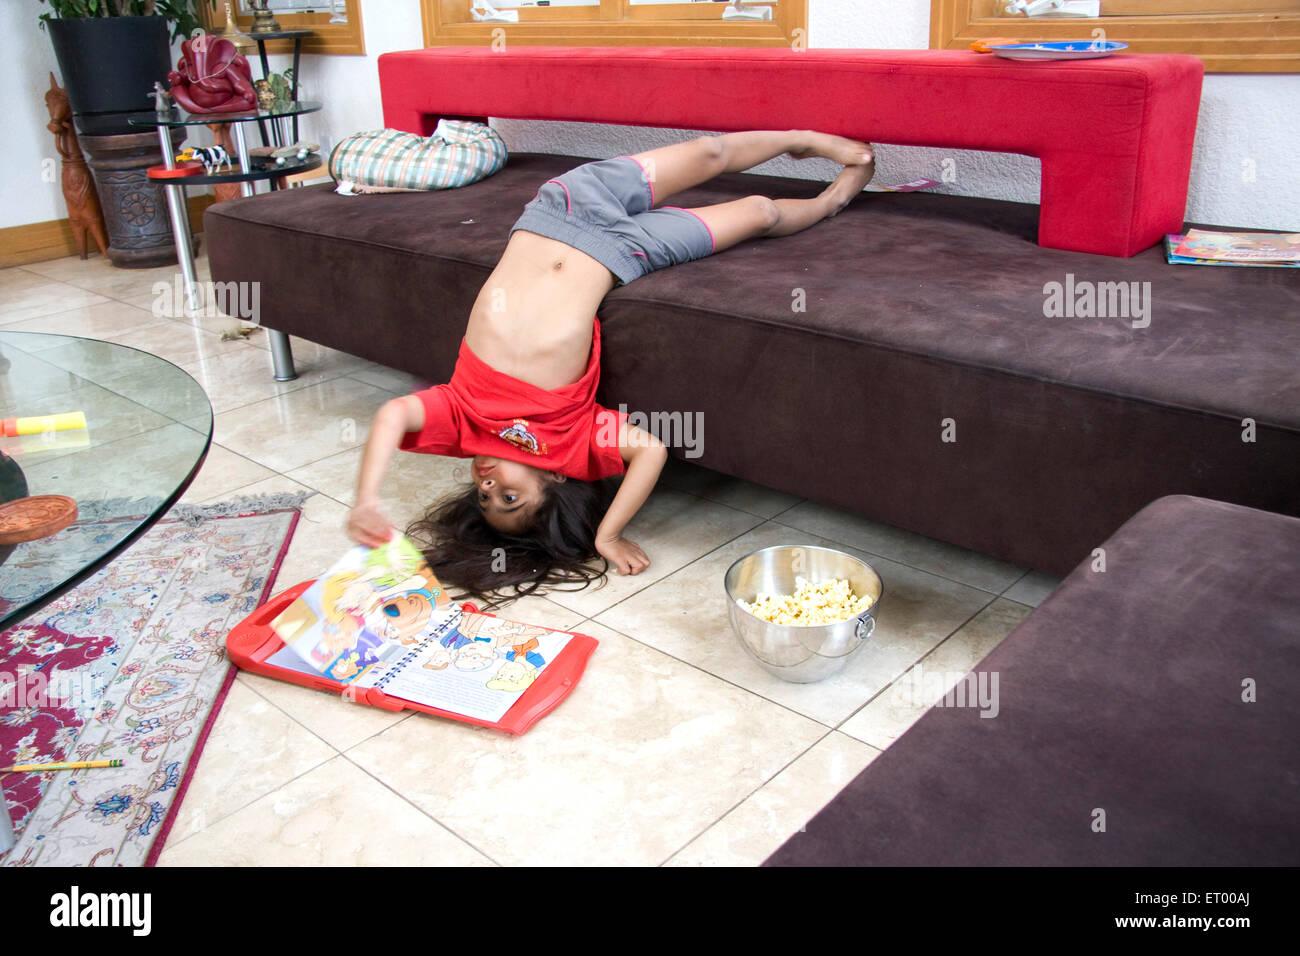 Actividad de cinco años de edad, niña posando boca abajo pasando la página del libro señor#543 Imagen De Stock